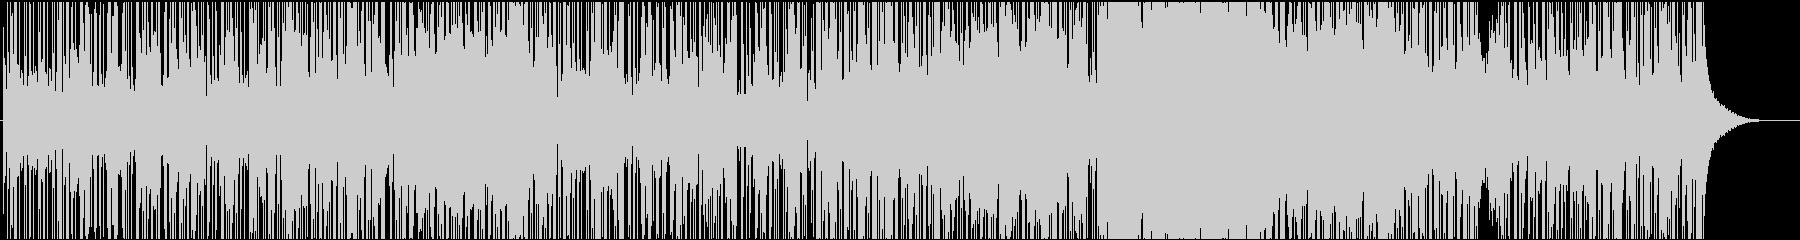 セダンの未再生の波形